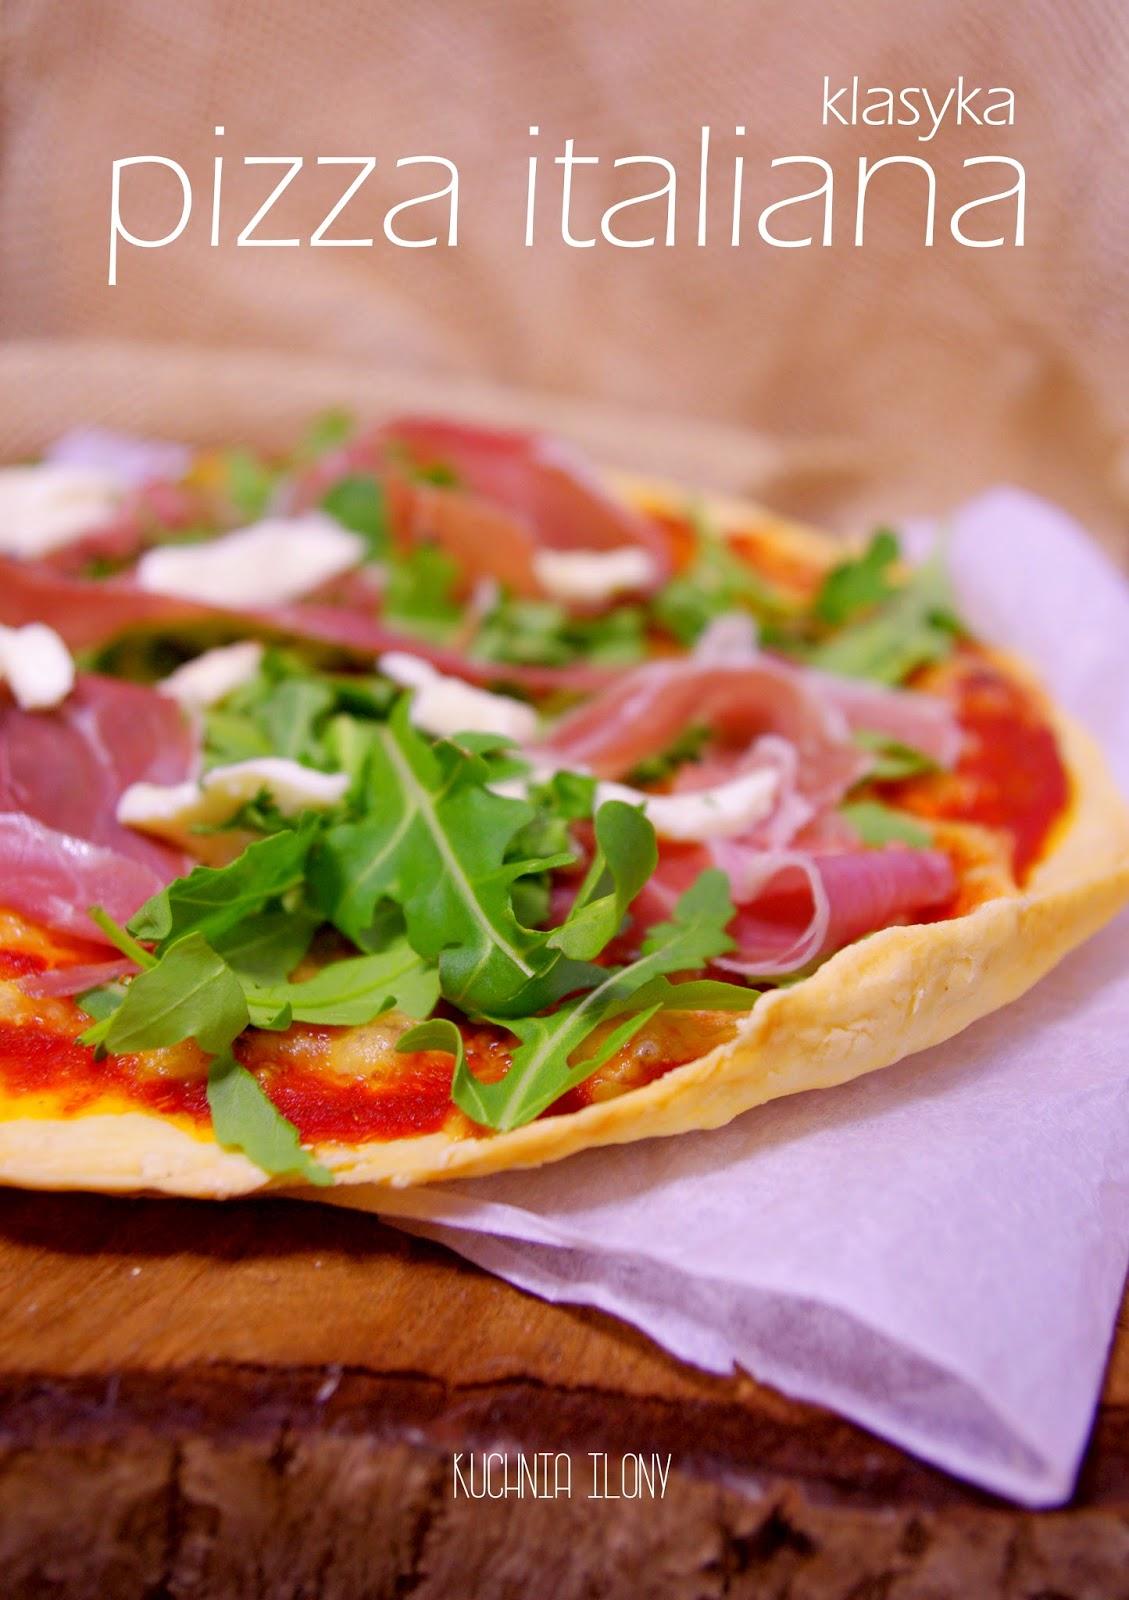 Międzynarodowy dzień pizzy, pizza na cienkim spodzie, pizza włoska. pizza italiana, klasyczna pizza włoska, pizza, kuchnia ilony,